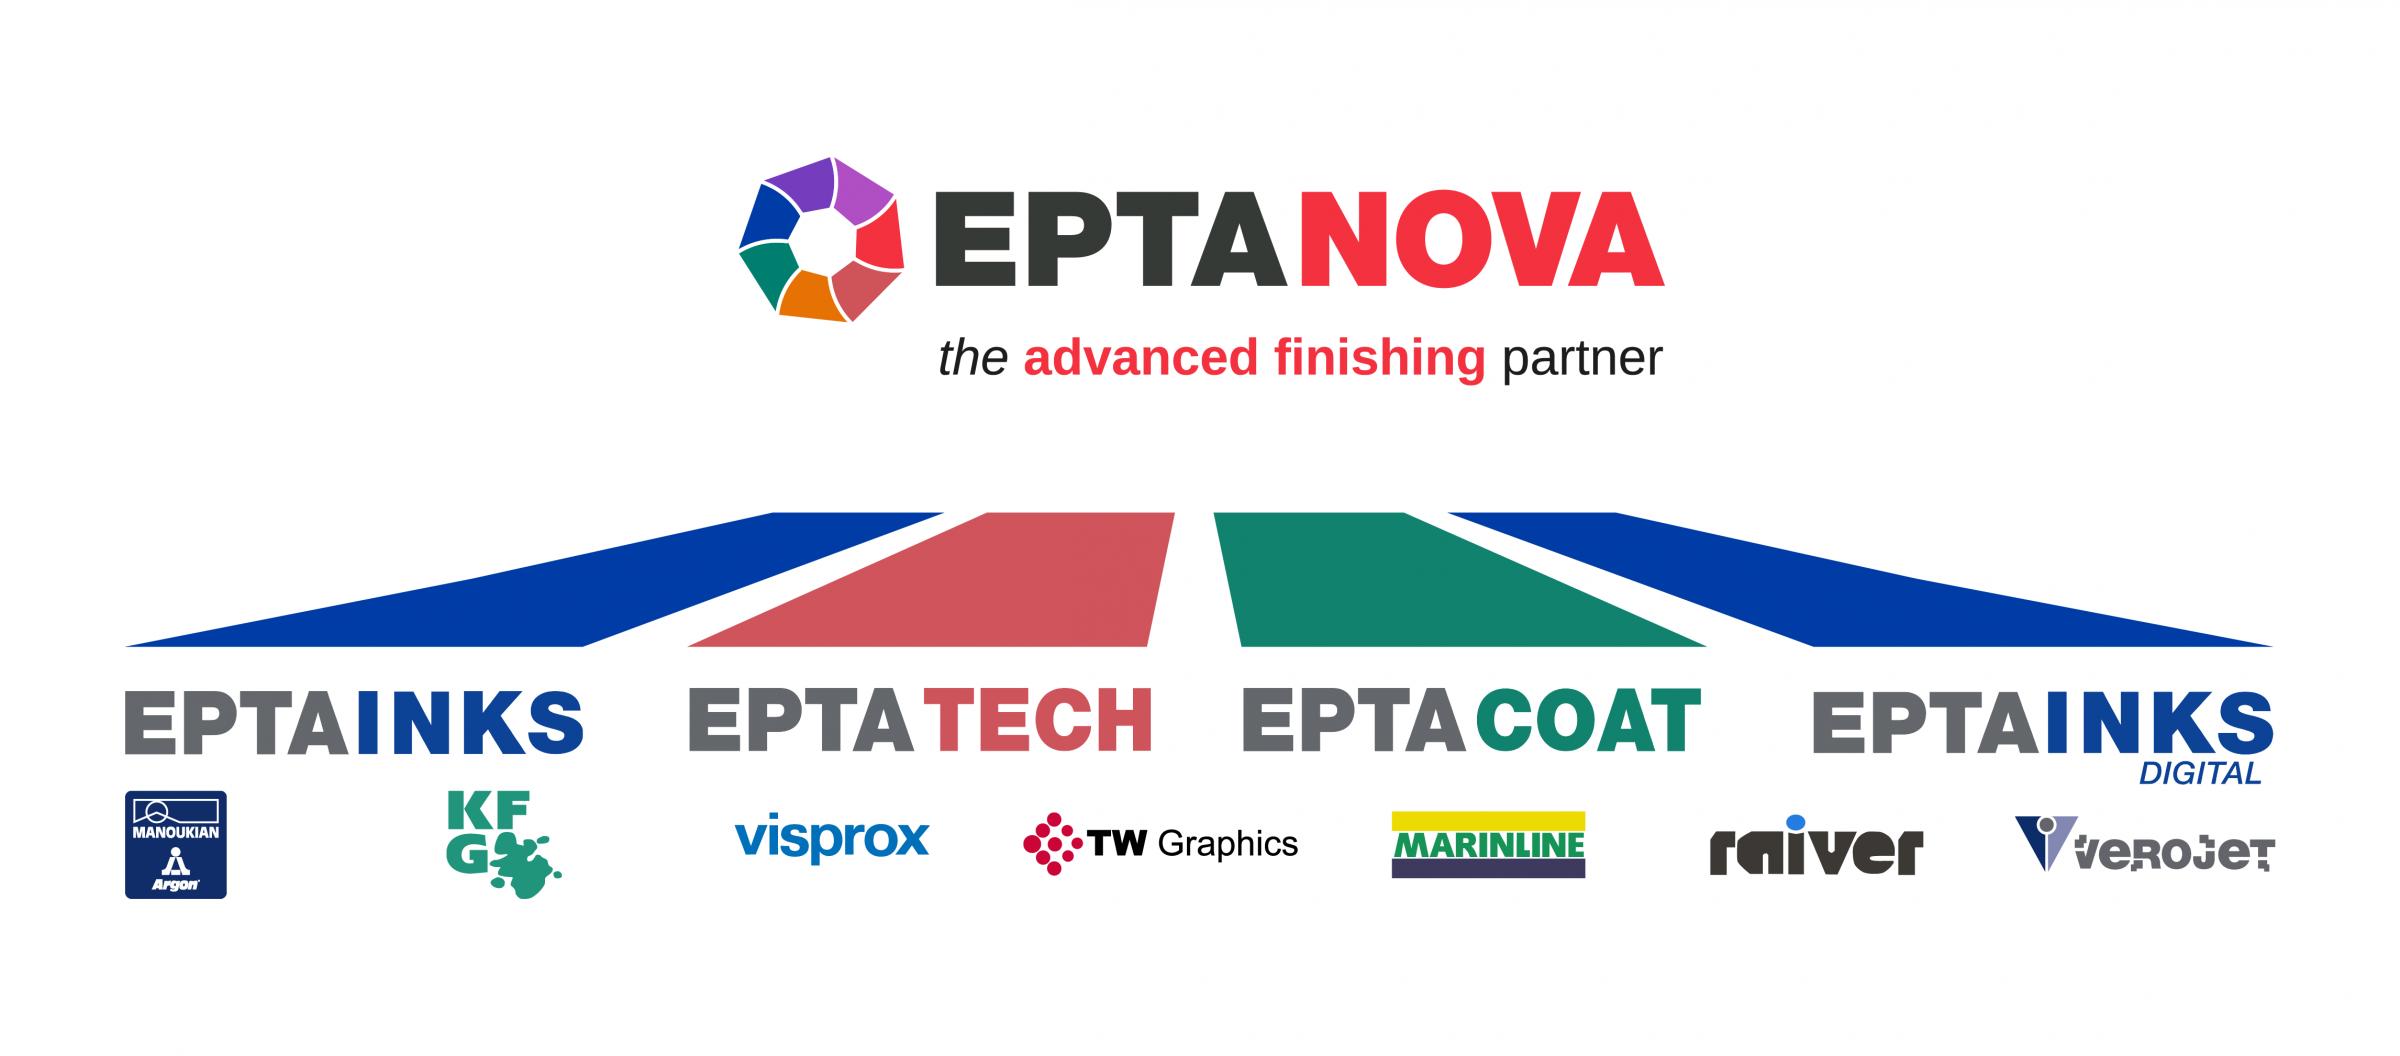 Eptanova Group